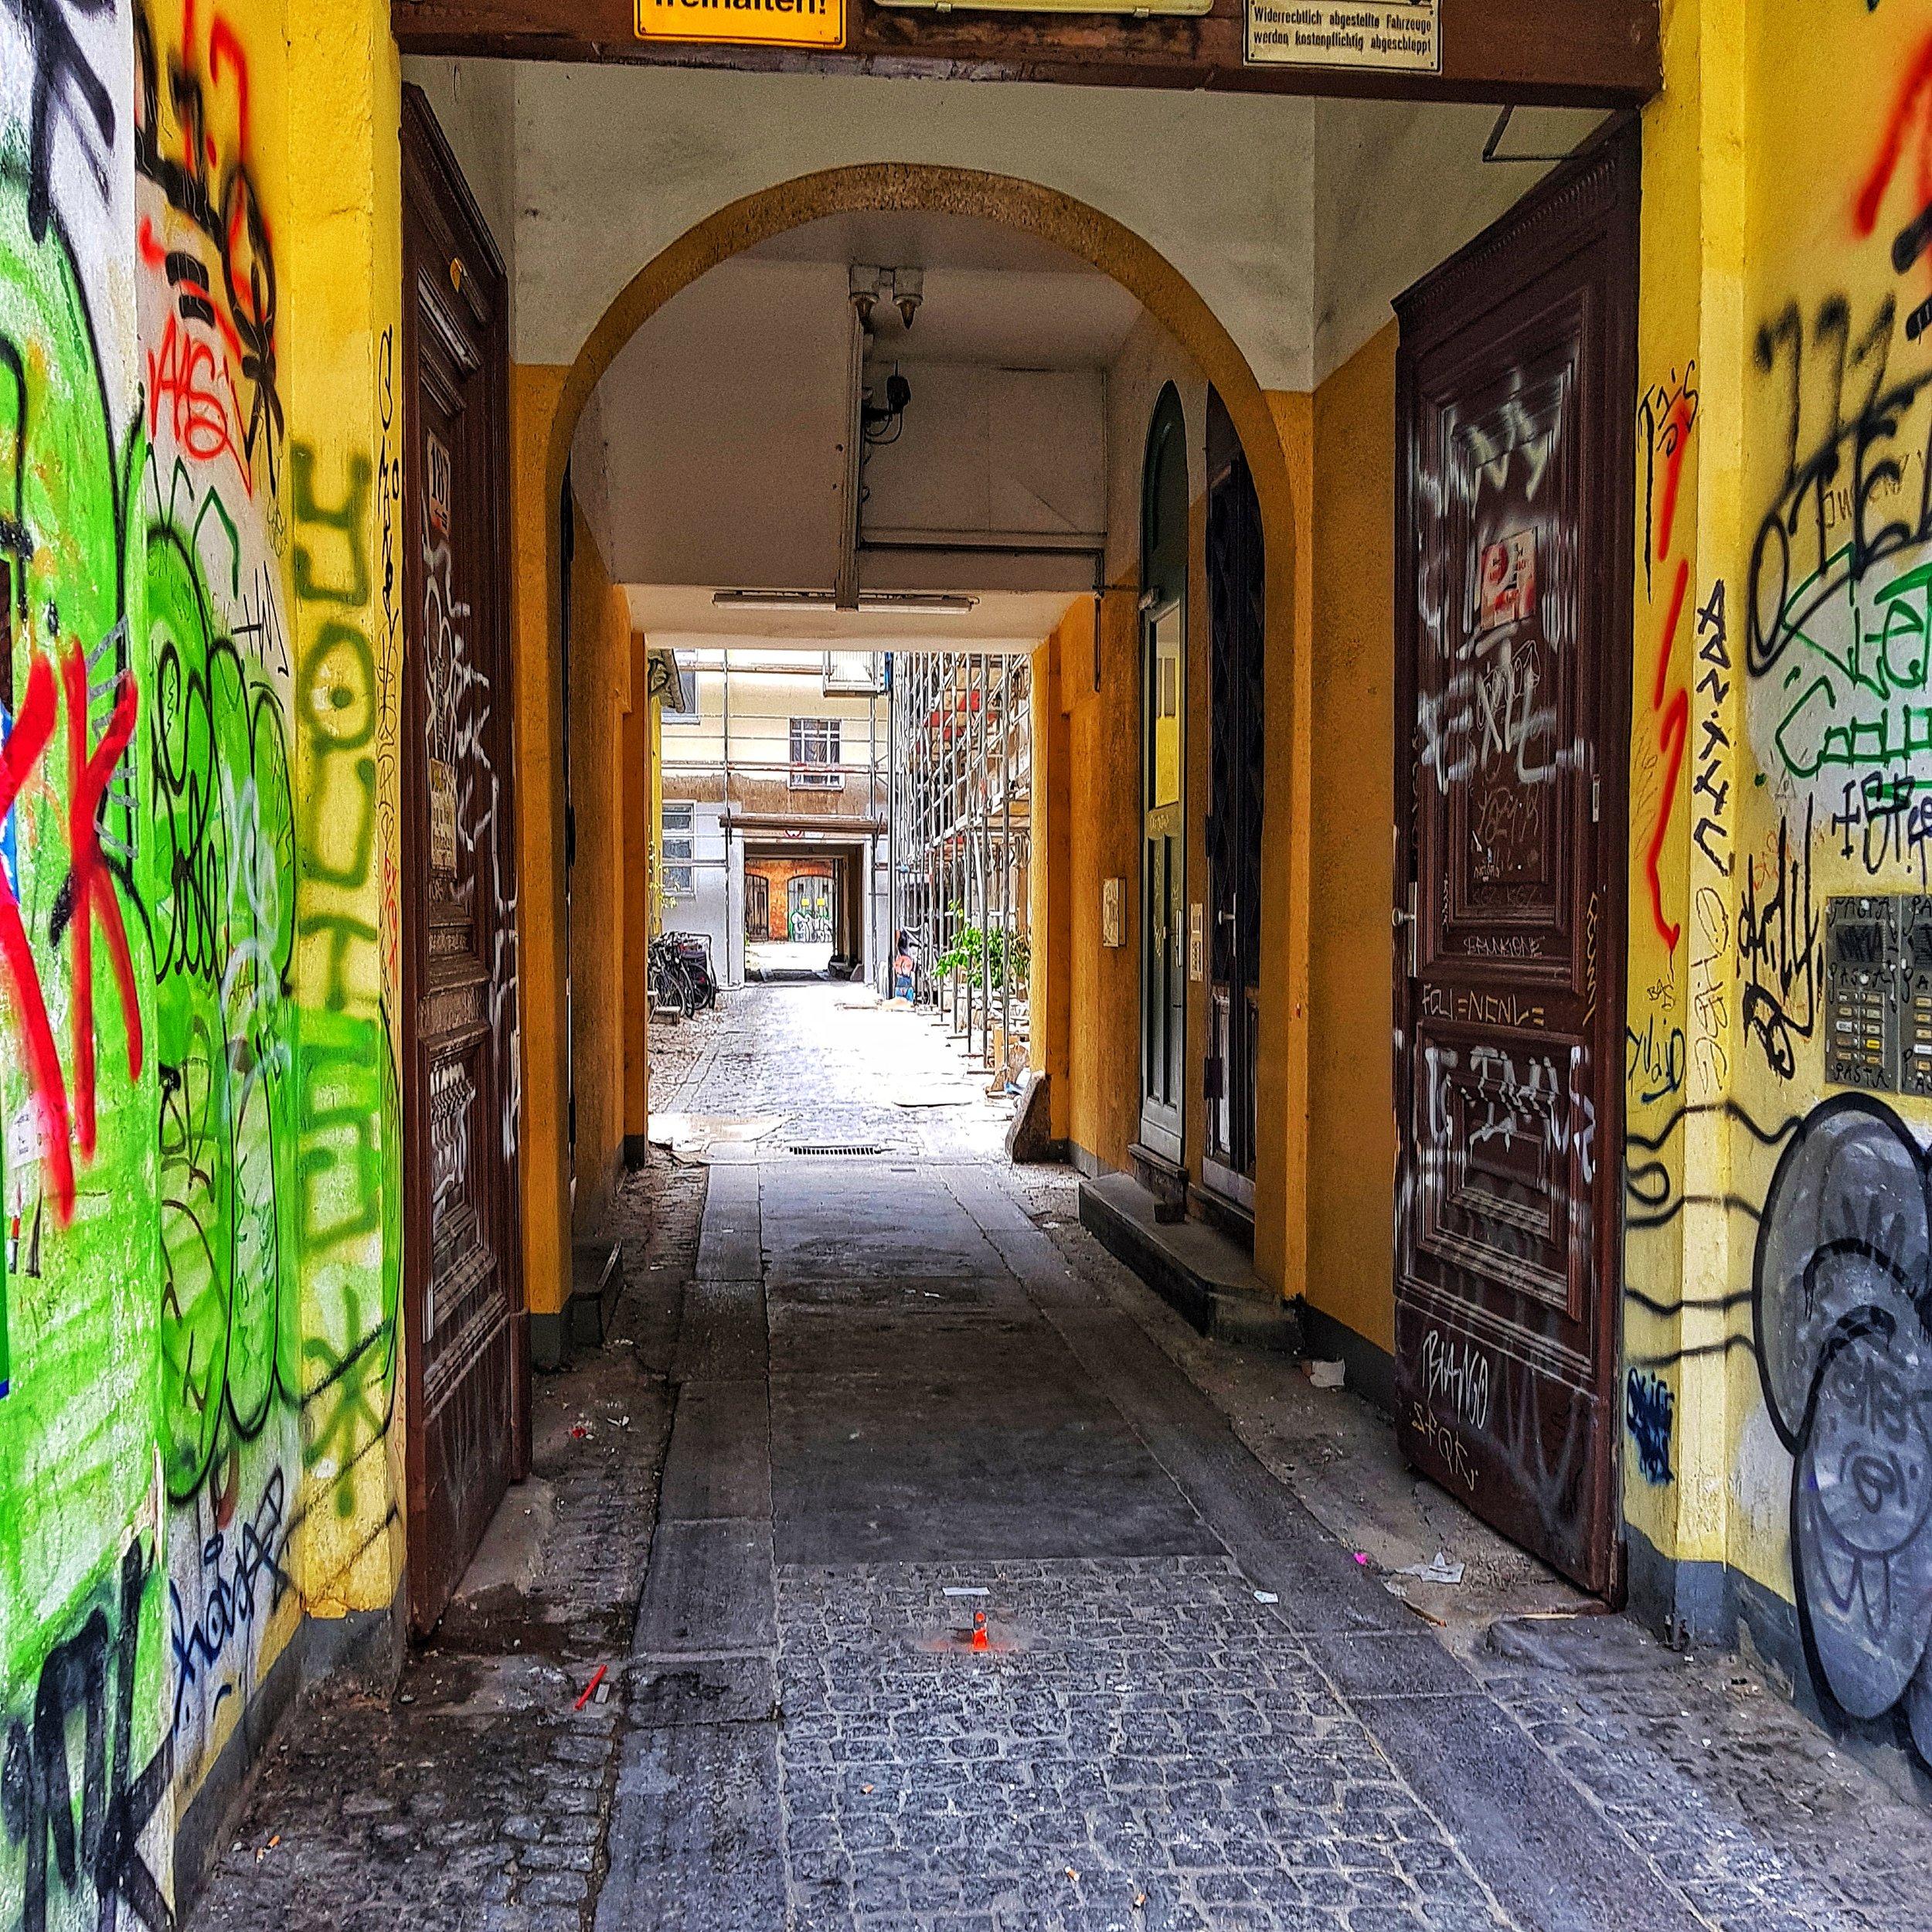 Day 198 - July 17: Kreuzberg Back Alley